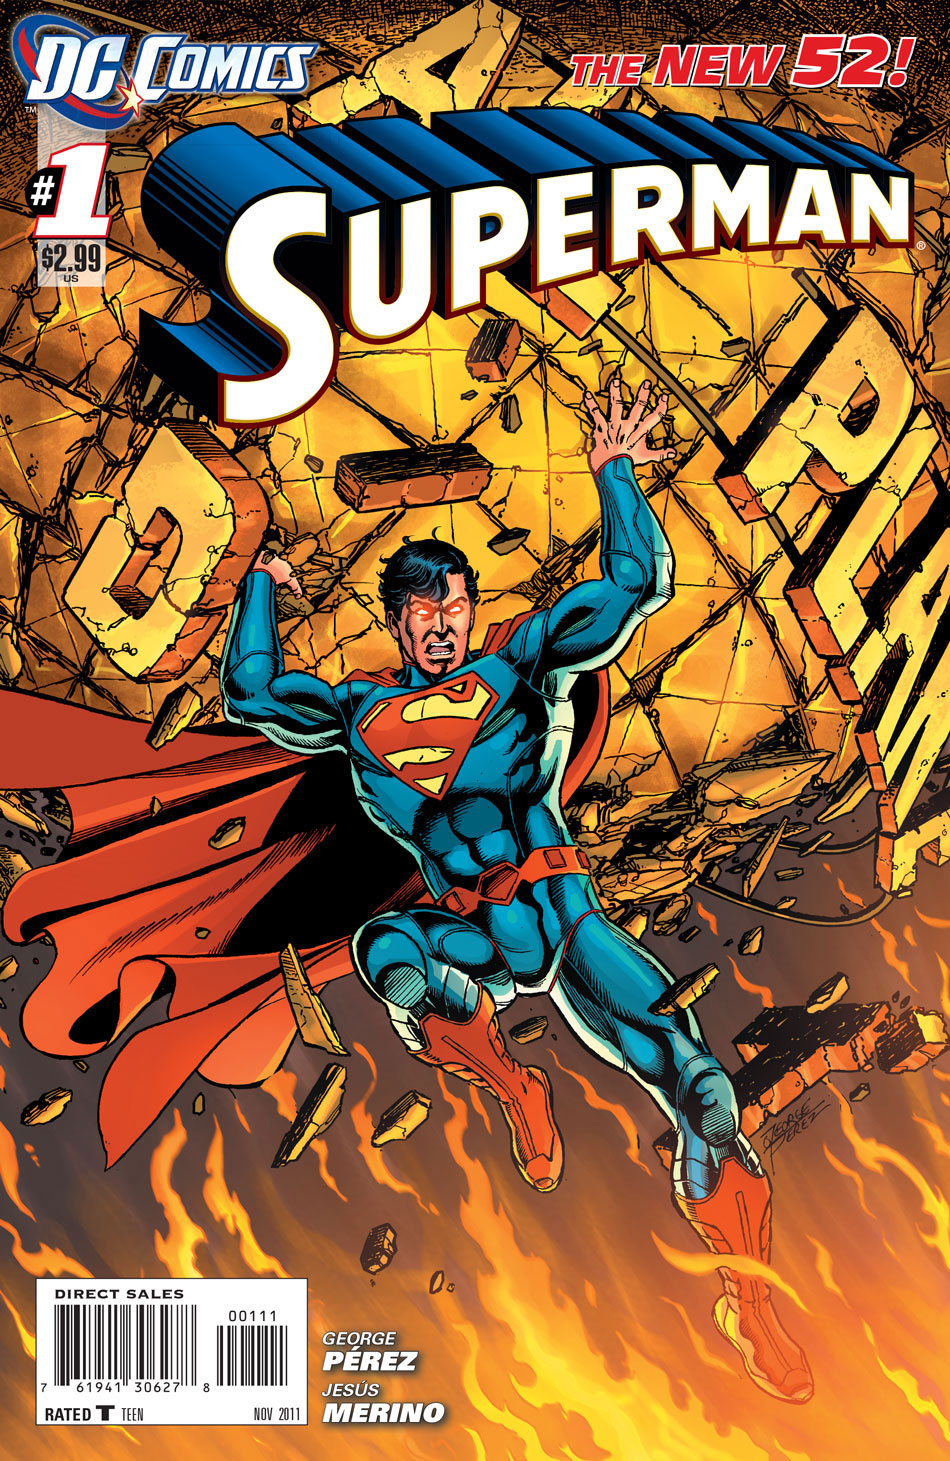 [Encuesta] Qué traje de Superman te gusta más? Superman-1-cover-by-George-Perez-and-Brian-Buccellato